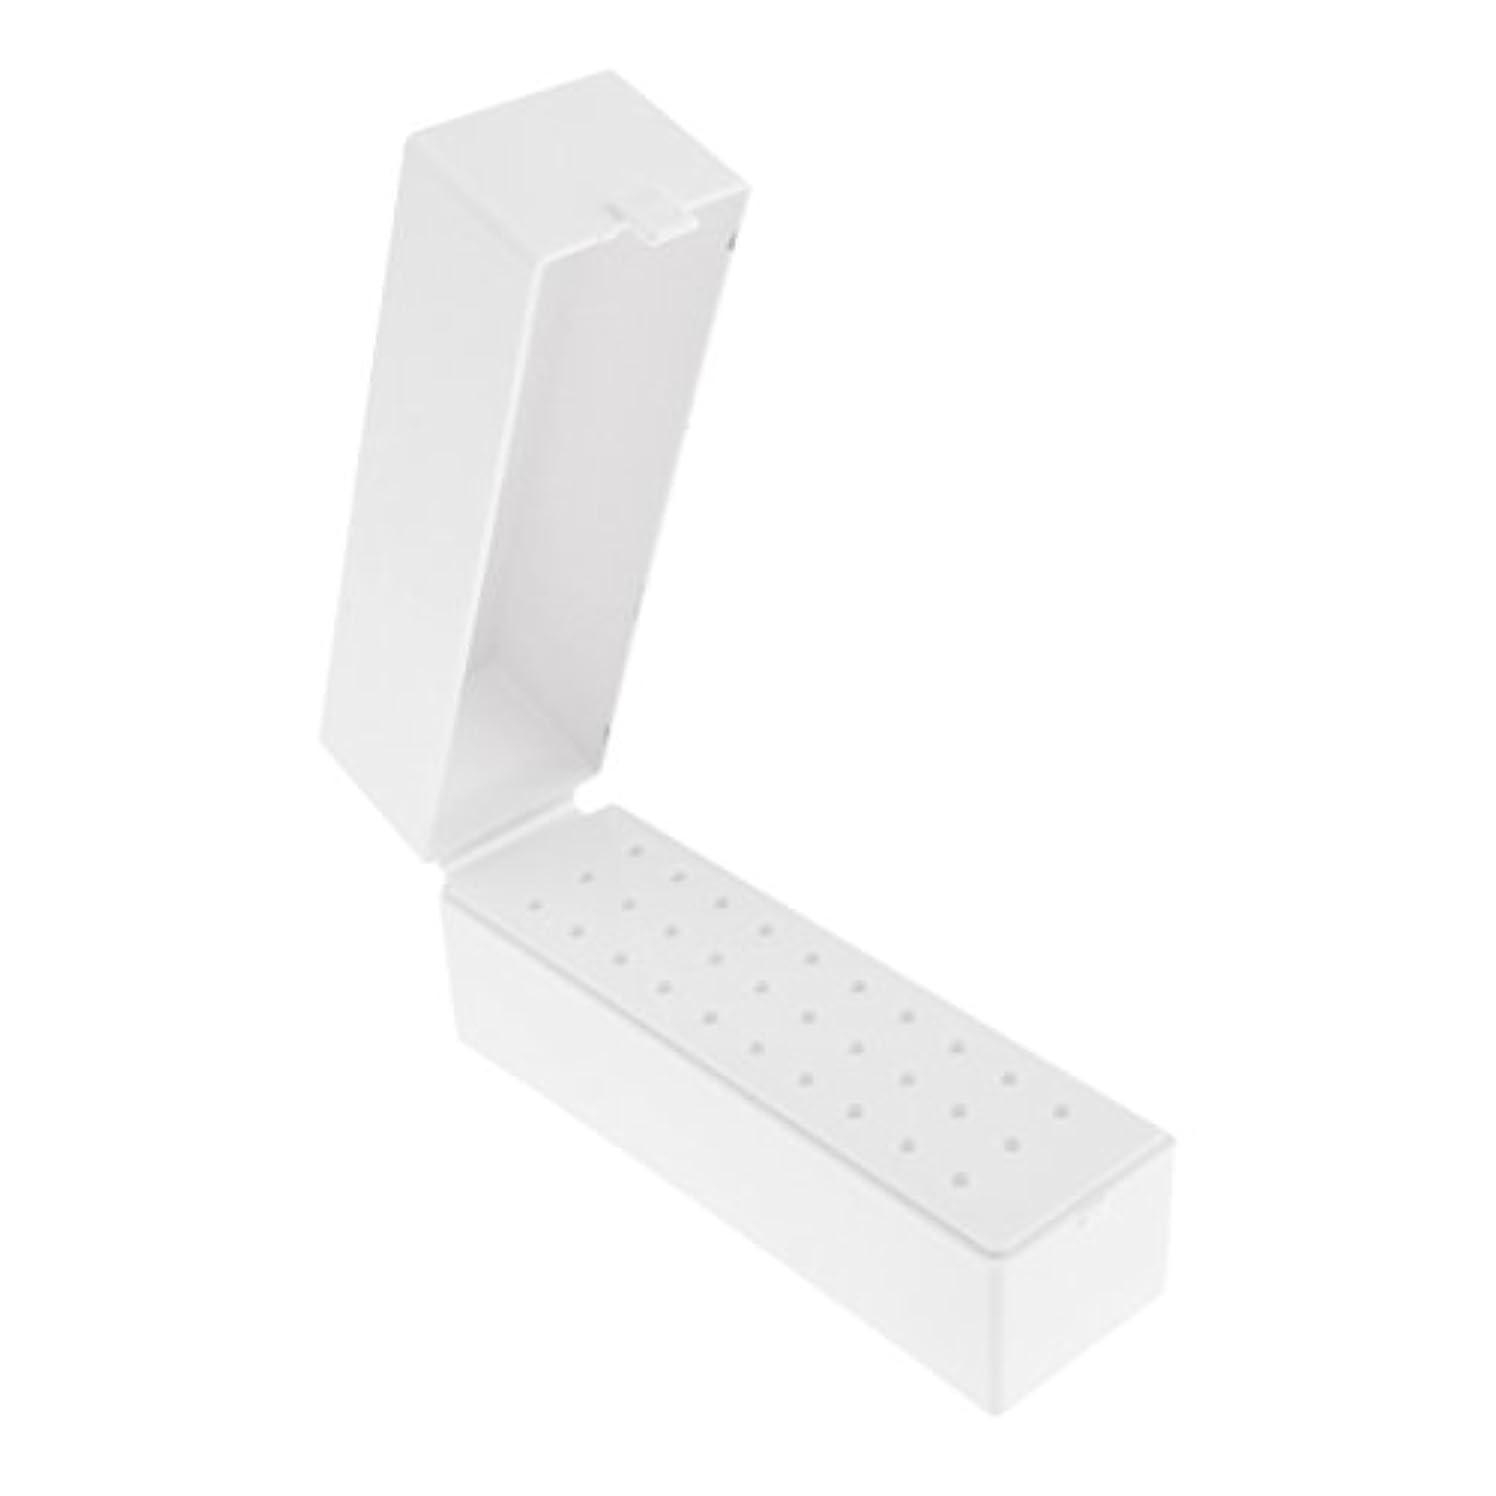 把握クロールの間で30穴プラスチックネイルアートツールボックスネイルドリルビットホルダー防塵スタンド収納オーガナイザー